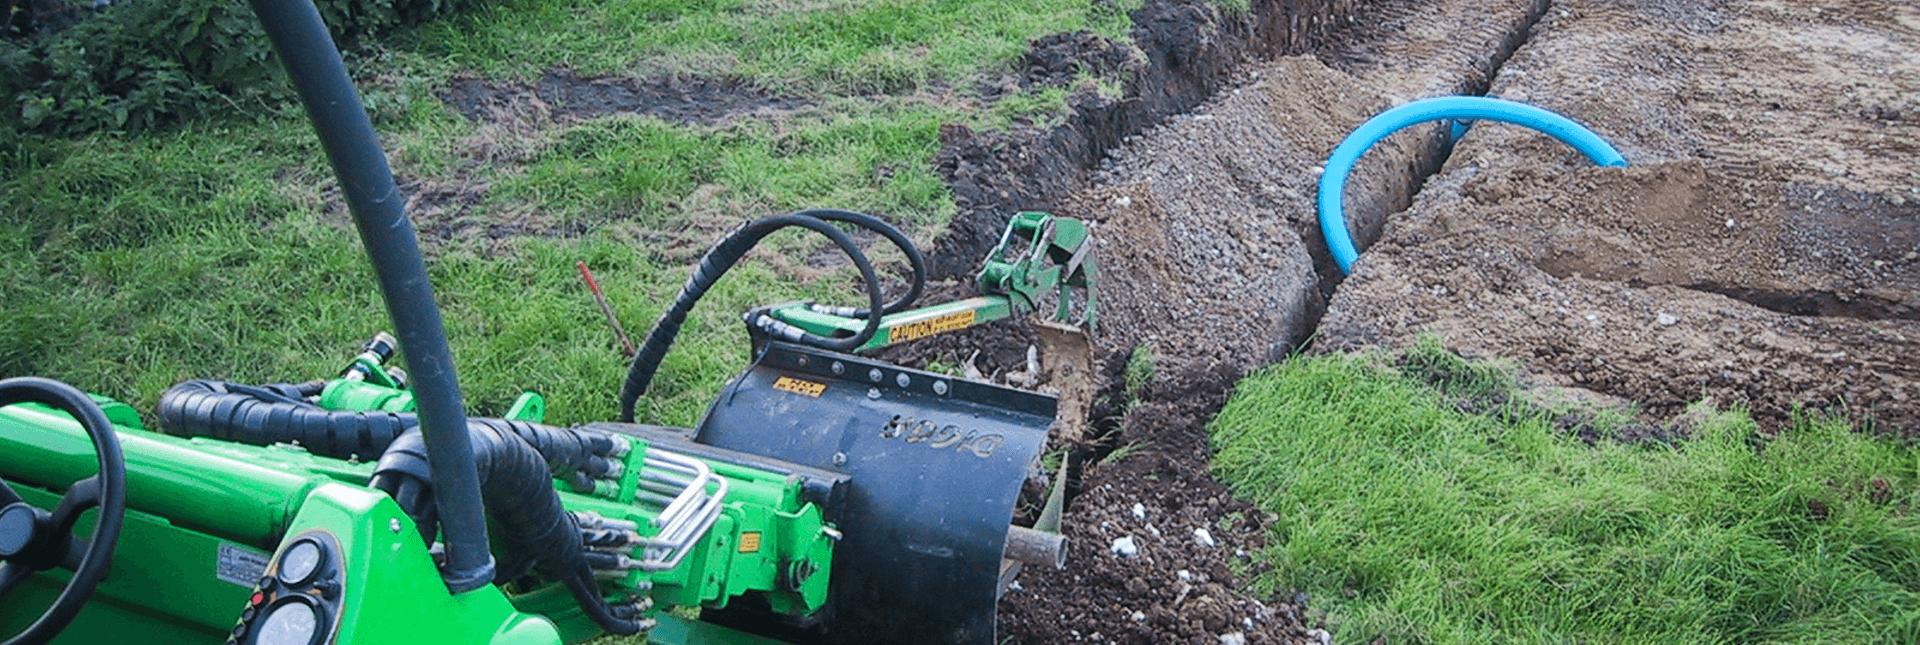 arbejdsbillede af kædegraver til avant minilæsser, ideelt til nedgravning af kabler og rør